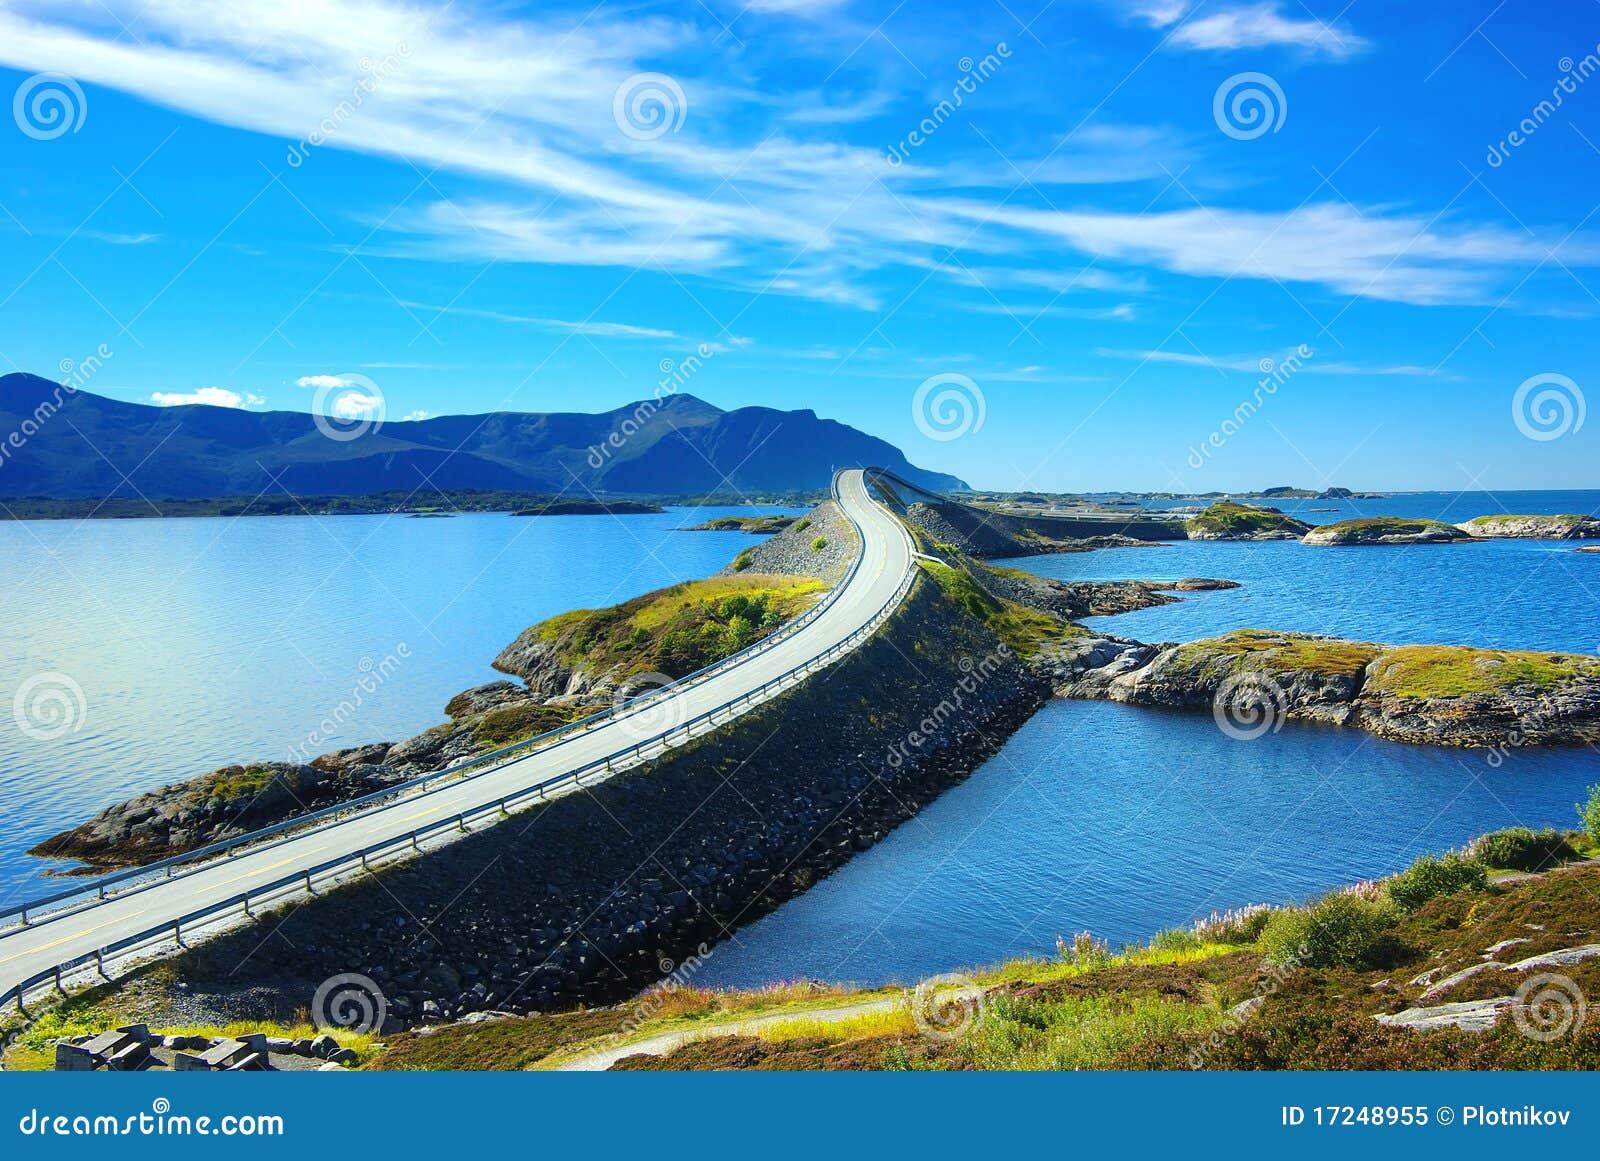 Het schilderachtige landschap van Noorwegen. Atlanterhavsvegen